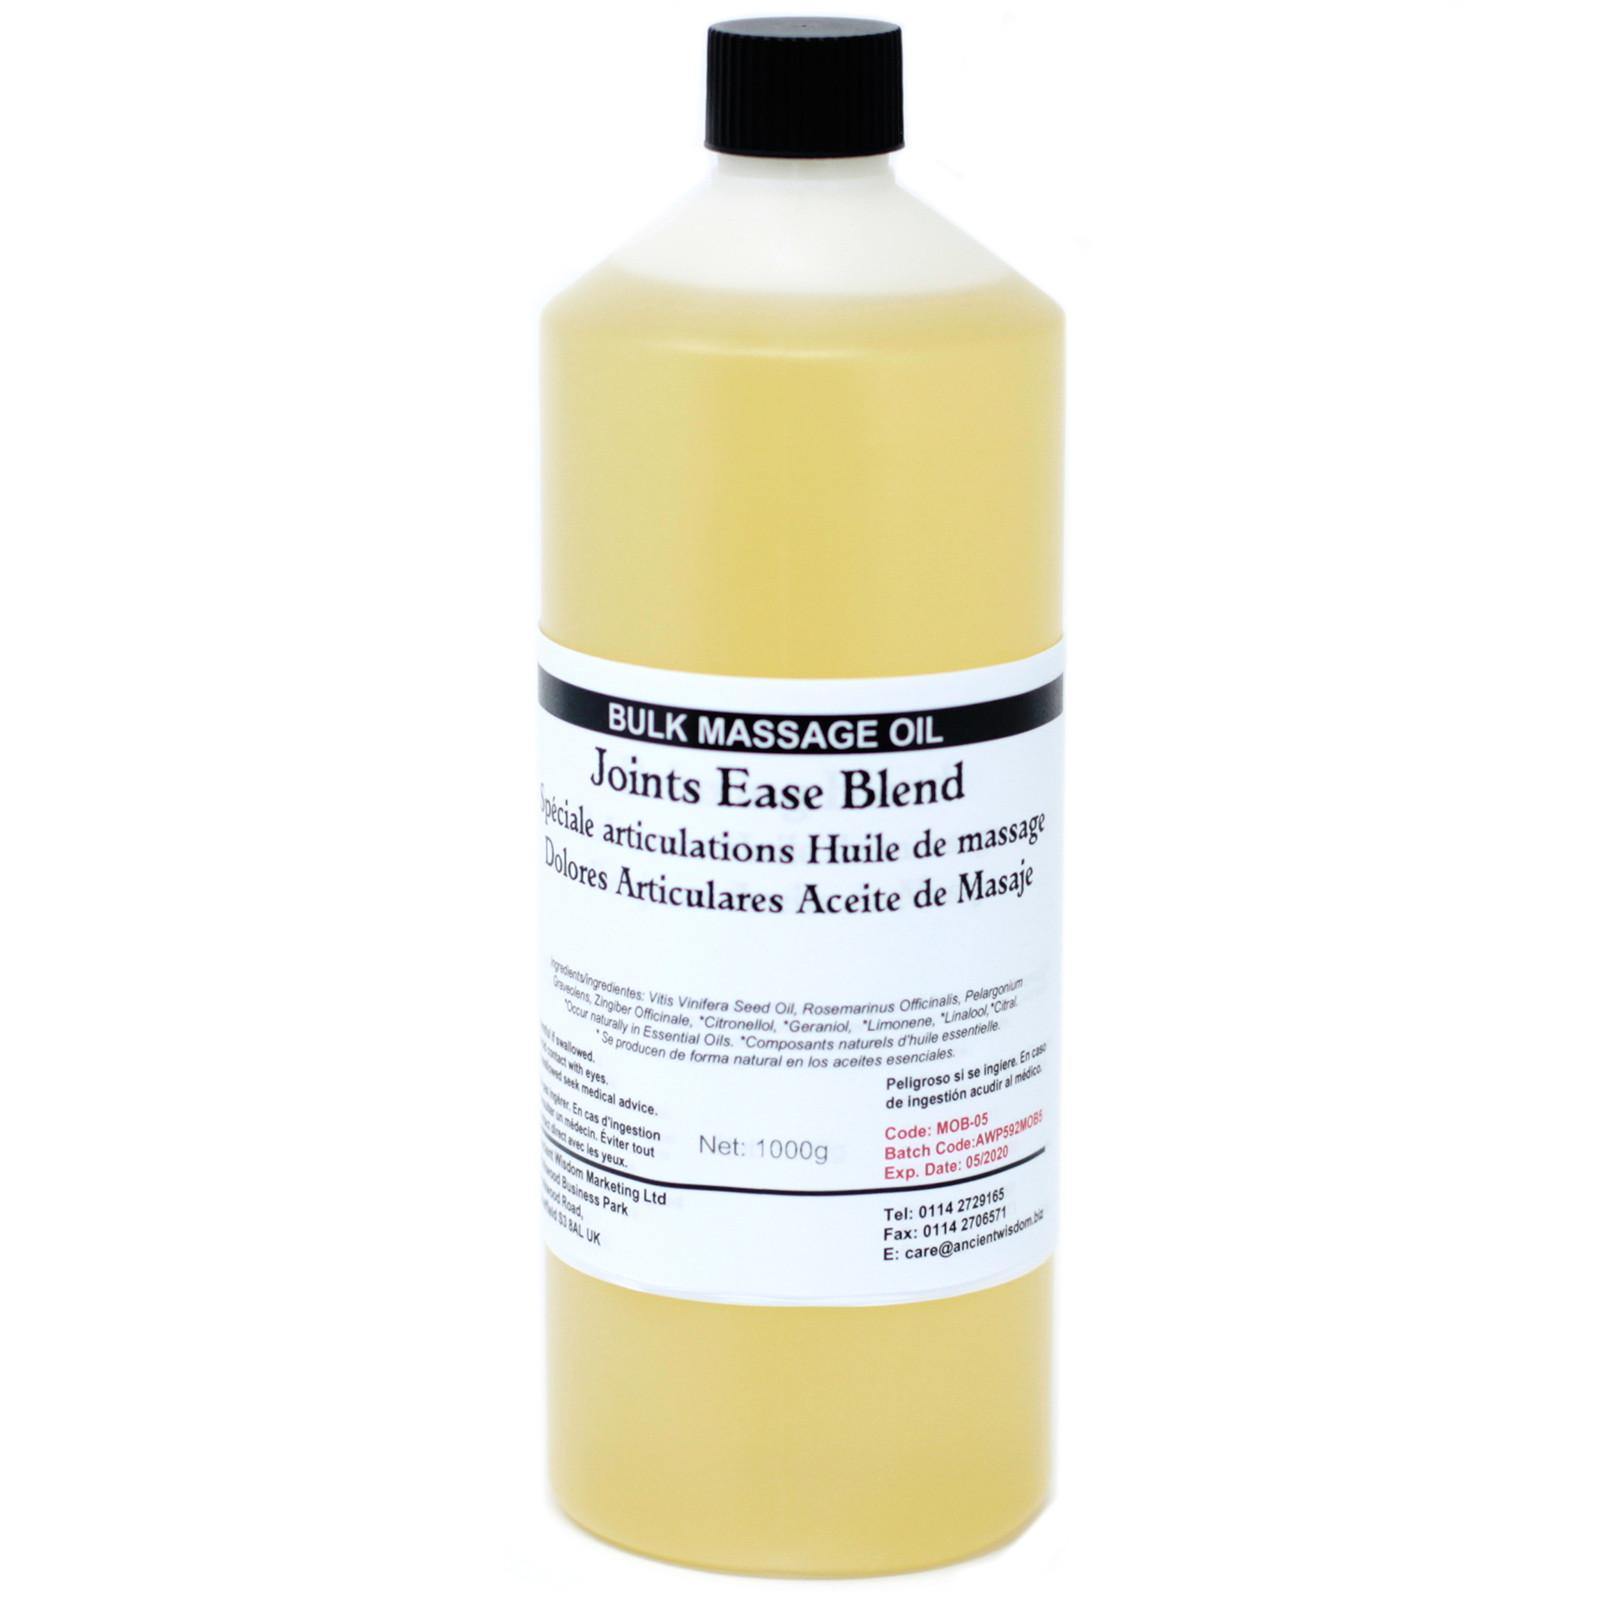 Joints Ease 1Kg Massage Oil